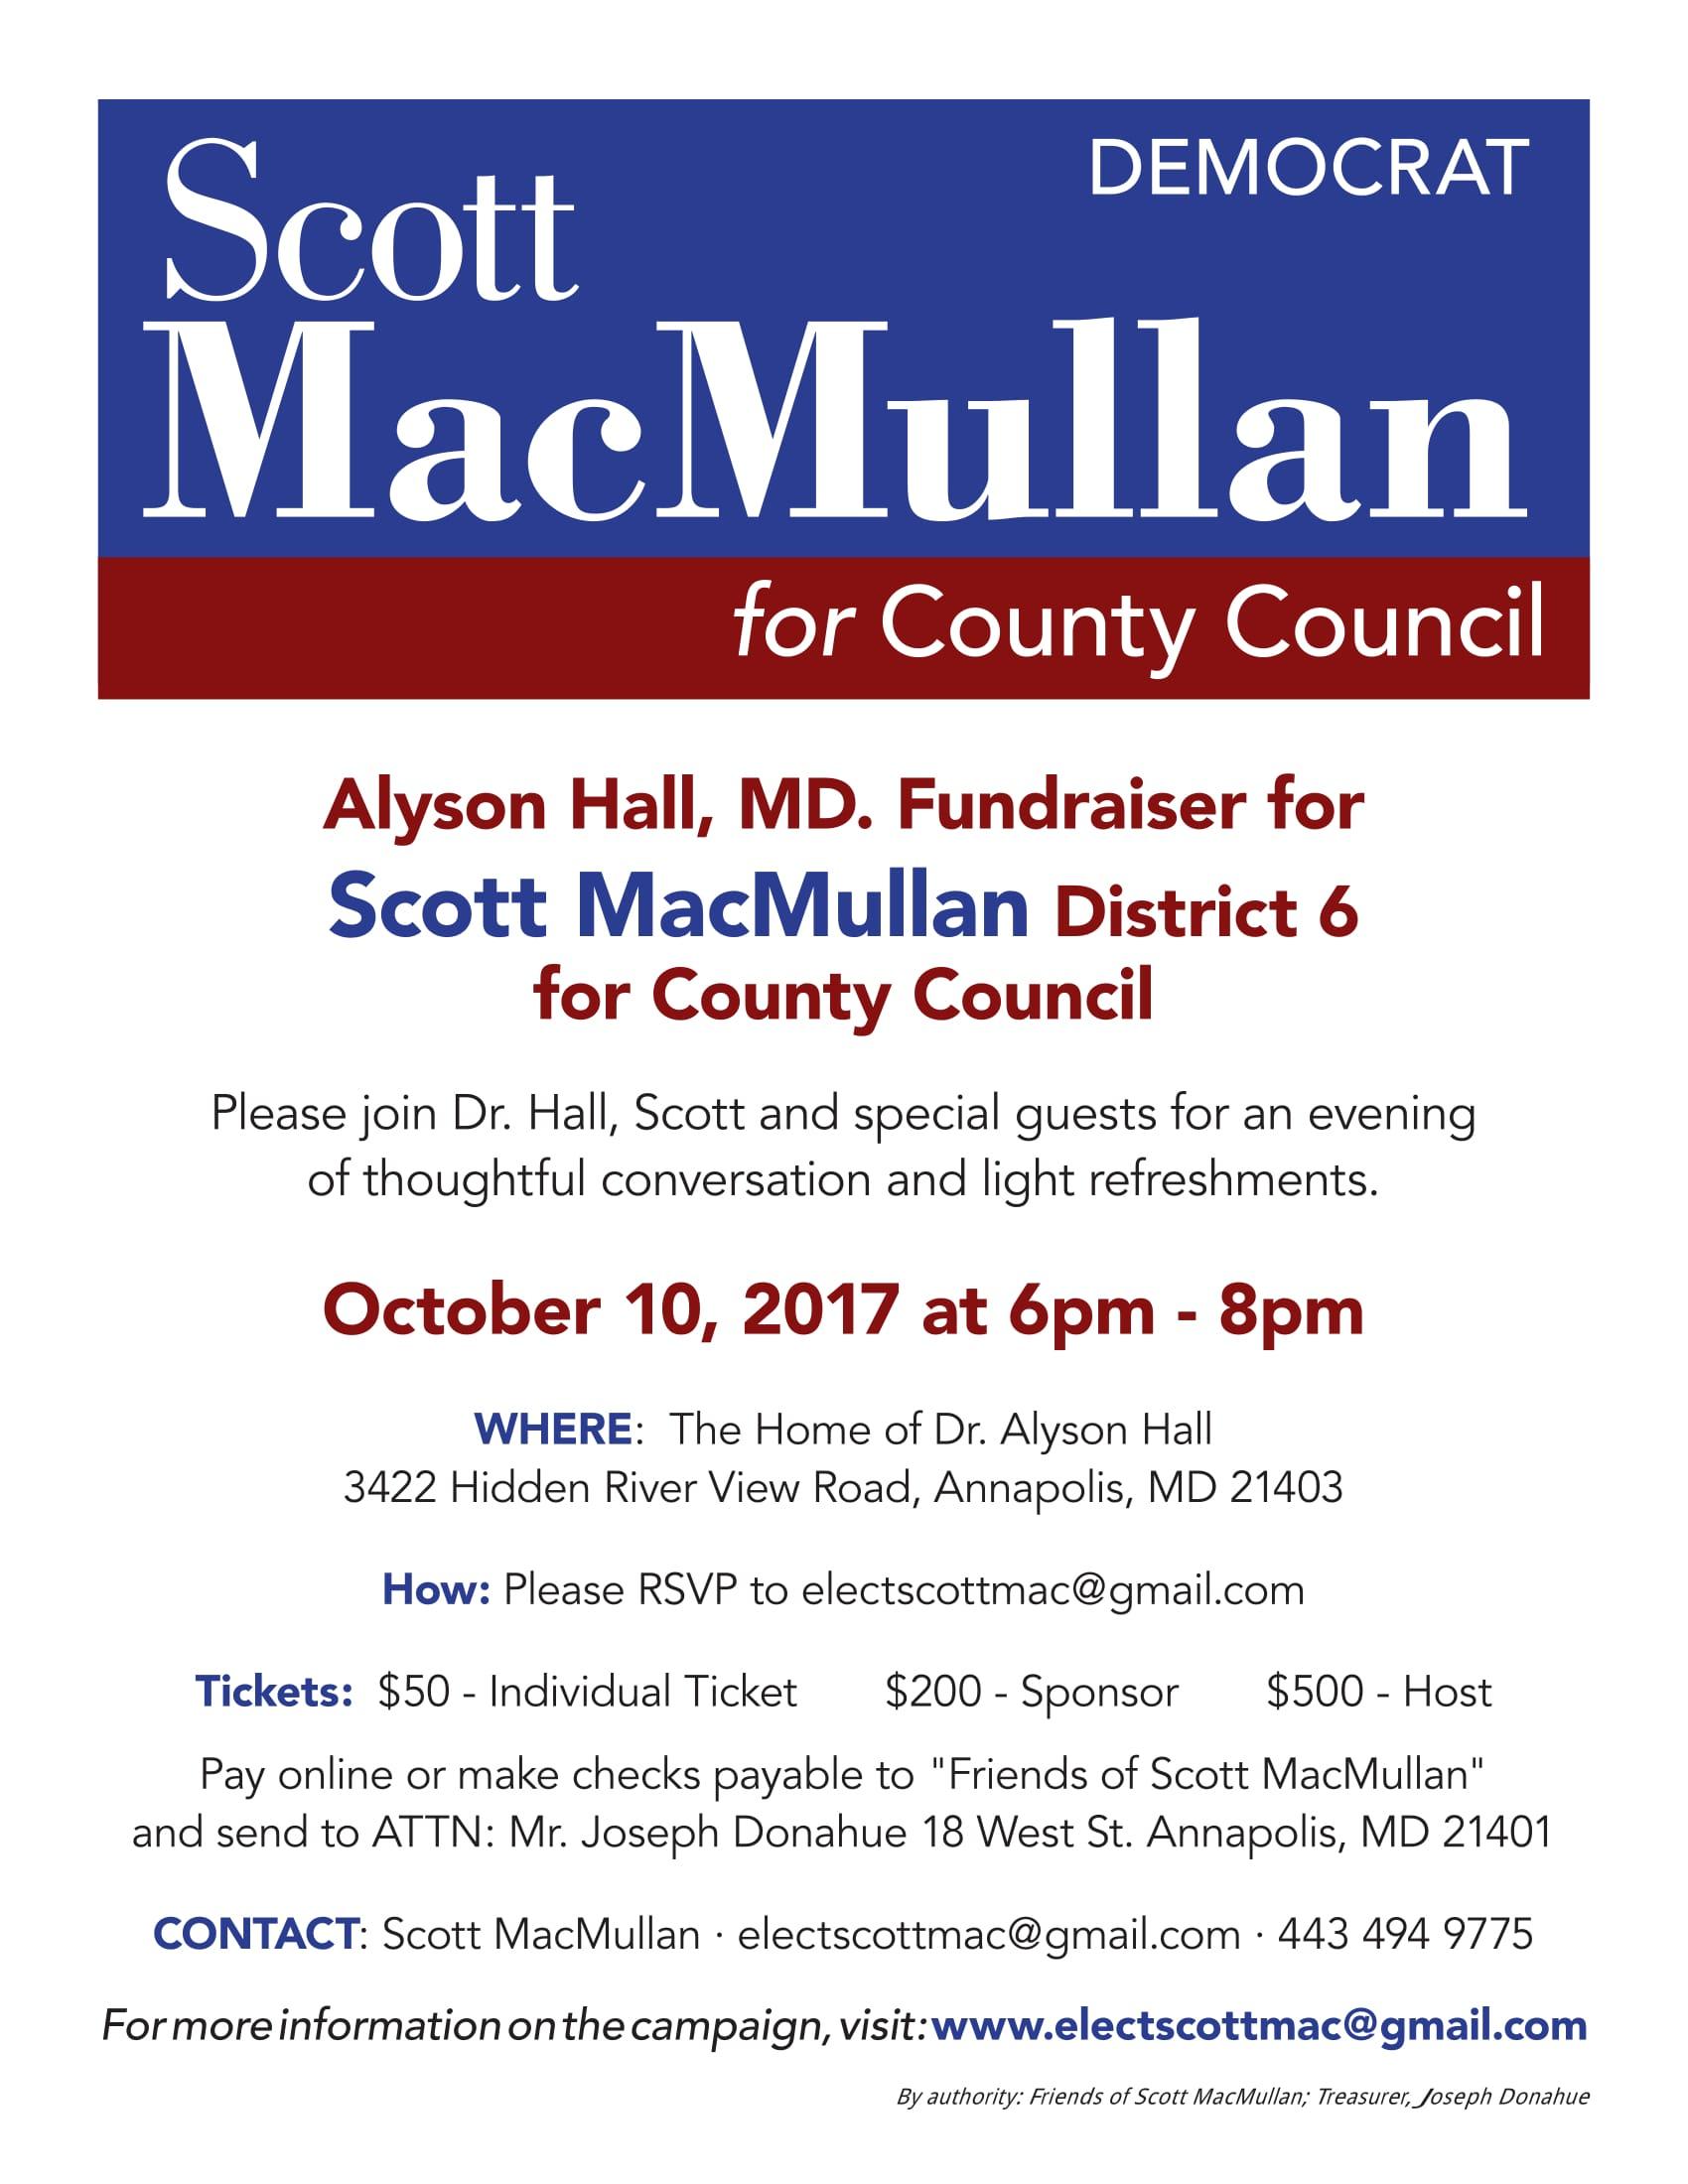 MacMullan_Fundraiser_Flyer_OCT17__3rd_draft-1.jpg